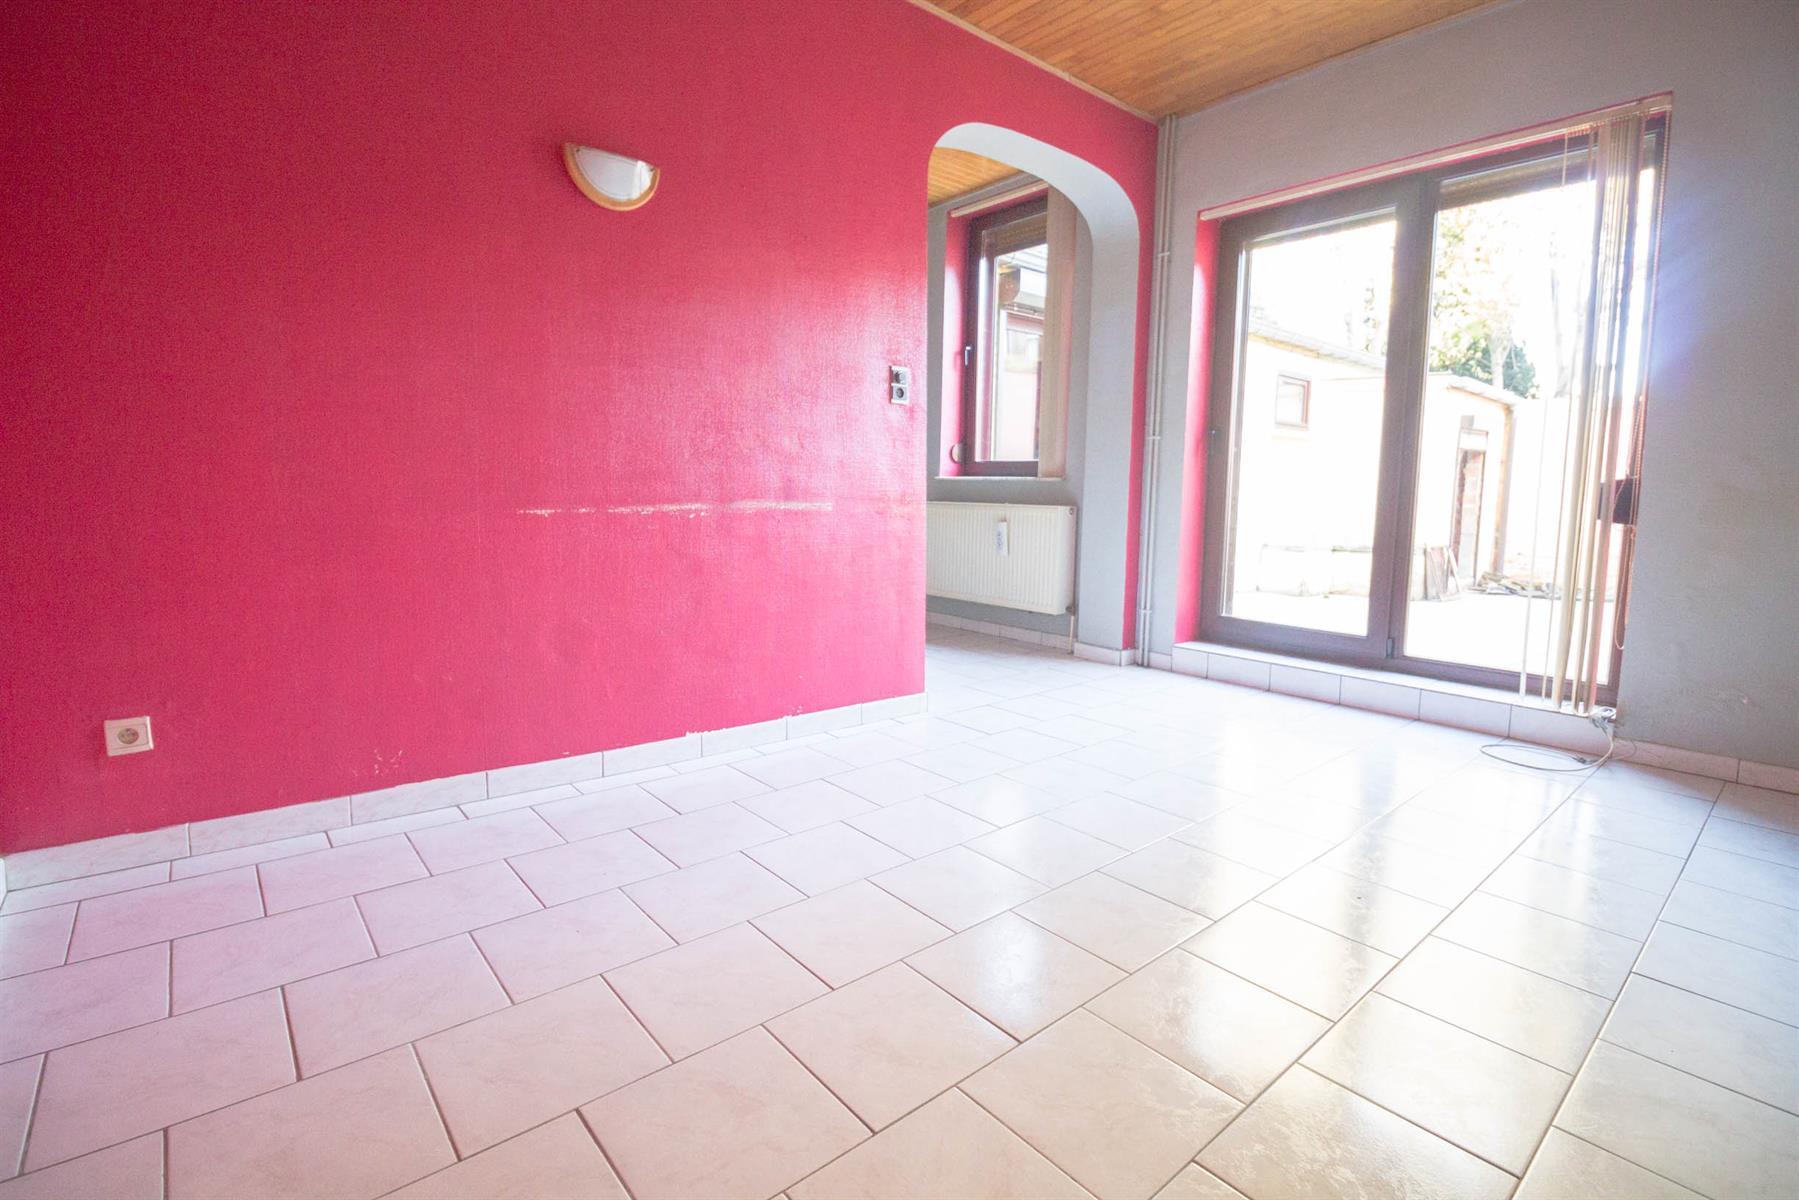 Maison - Marchienne-au-Pont - #4027759-6